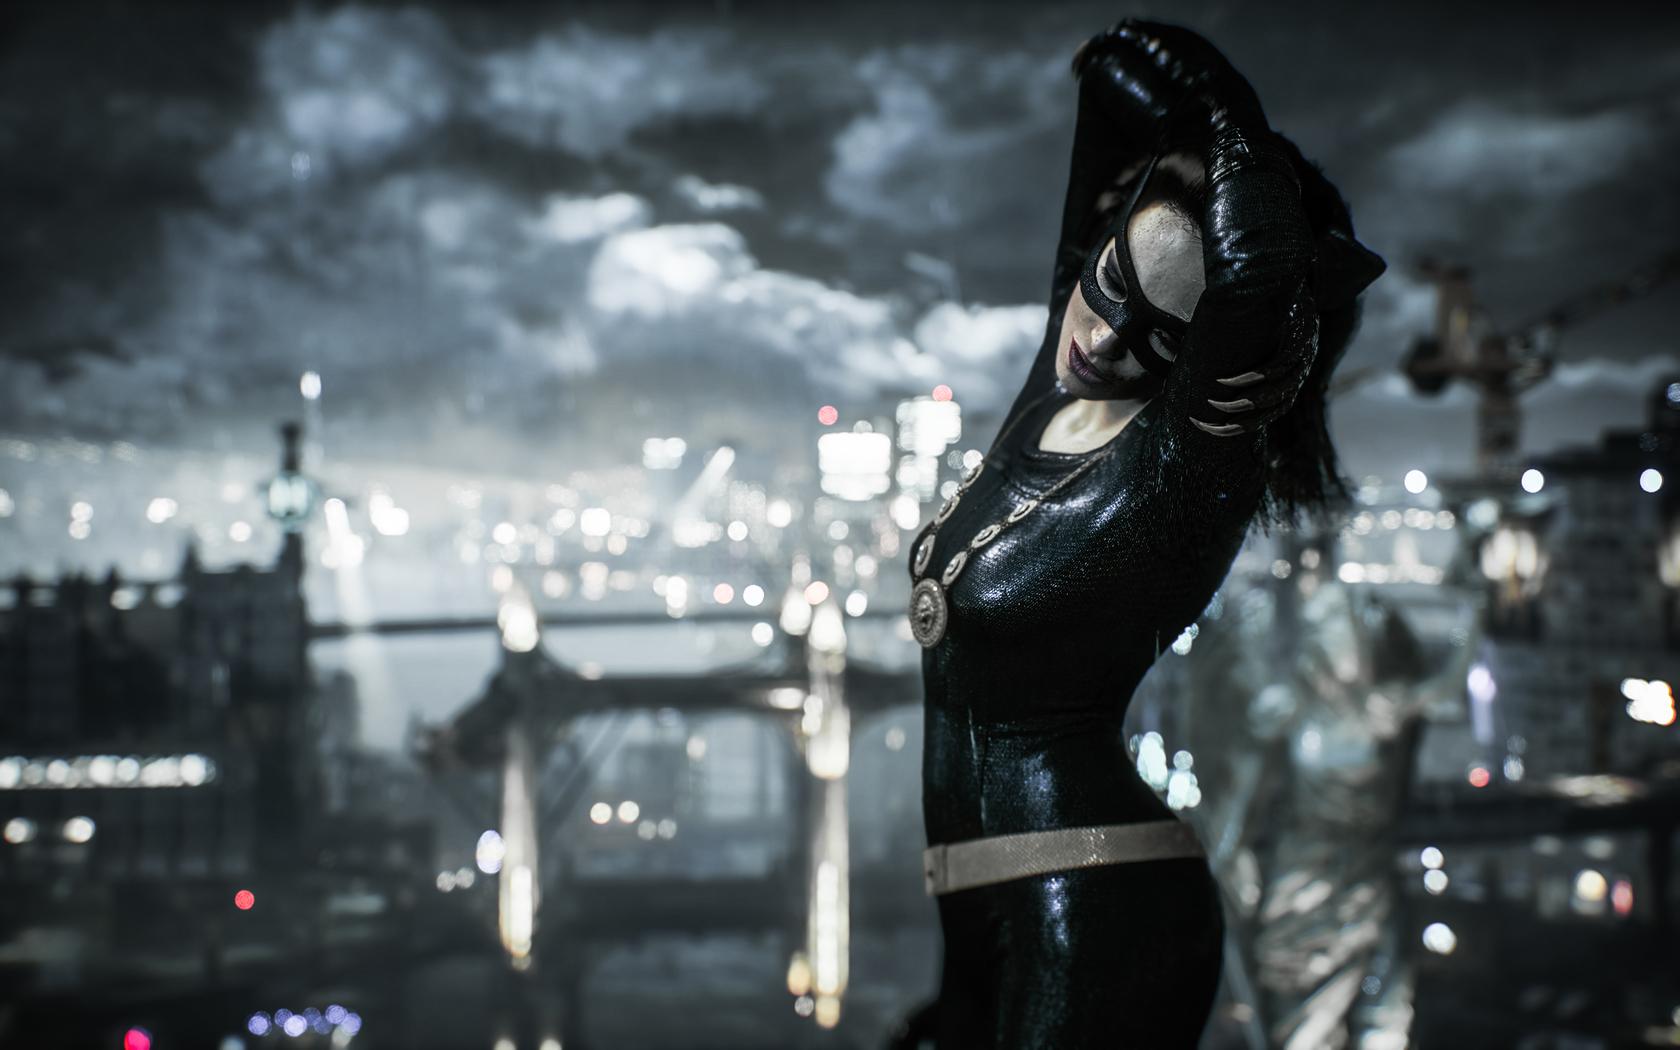 cat-woman-batman-arkham-knight-4k-ig.jpg